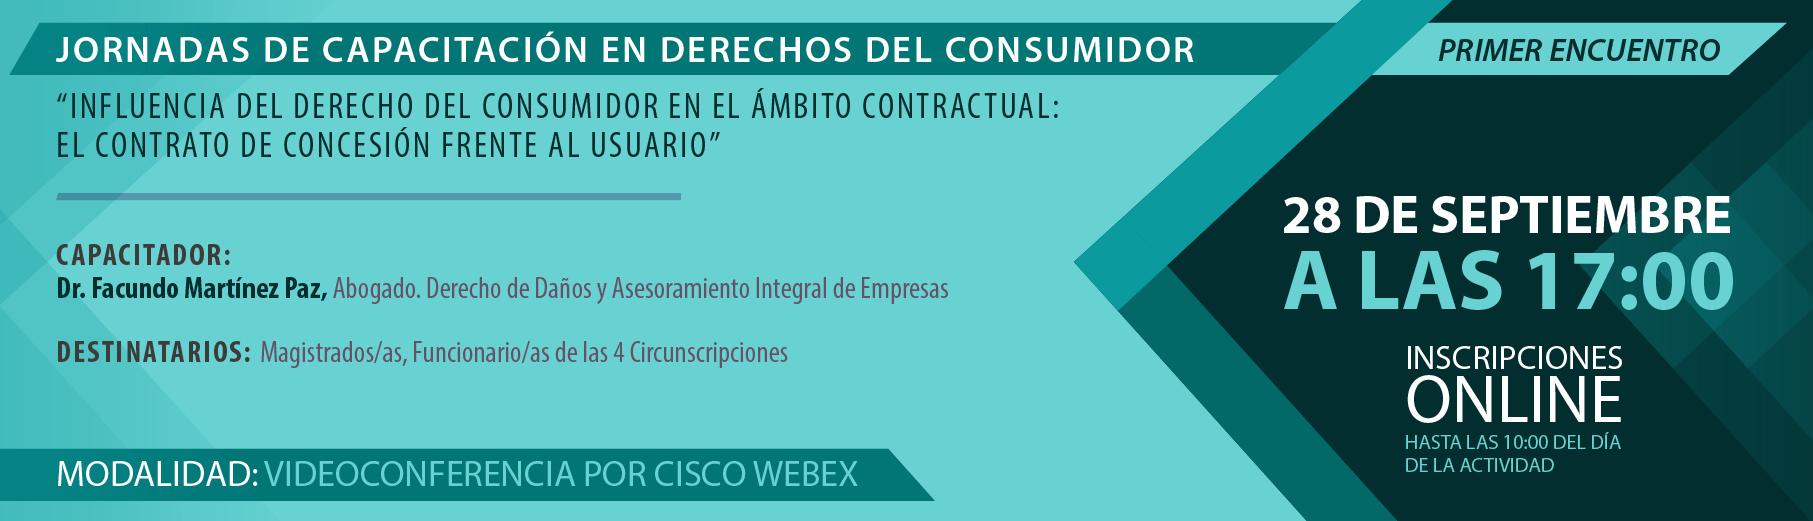 """Primer encuentro - Jornadas de Capacitación en Derechos del Consumidor -""""Influencia del derecho del consumidor en el ámbito contractual: el contrato de concesión frente al usuario"""""""